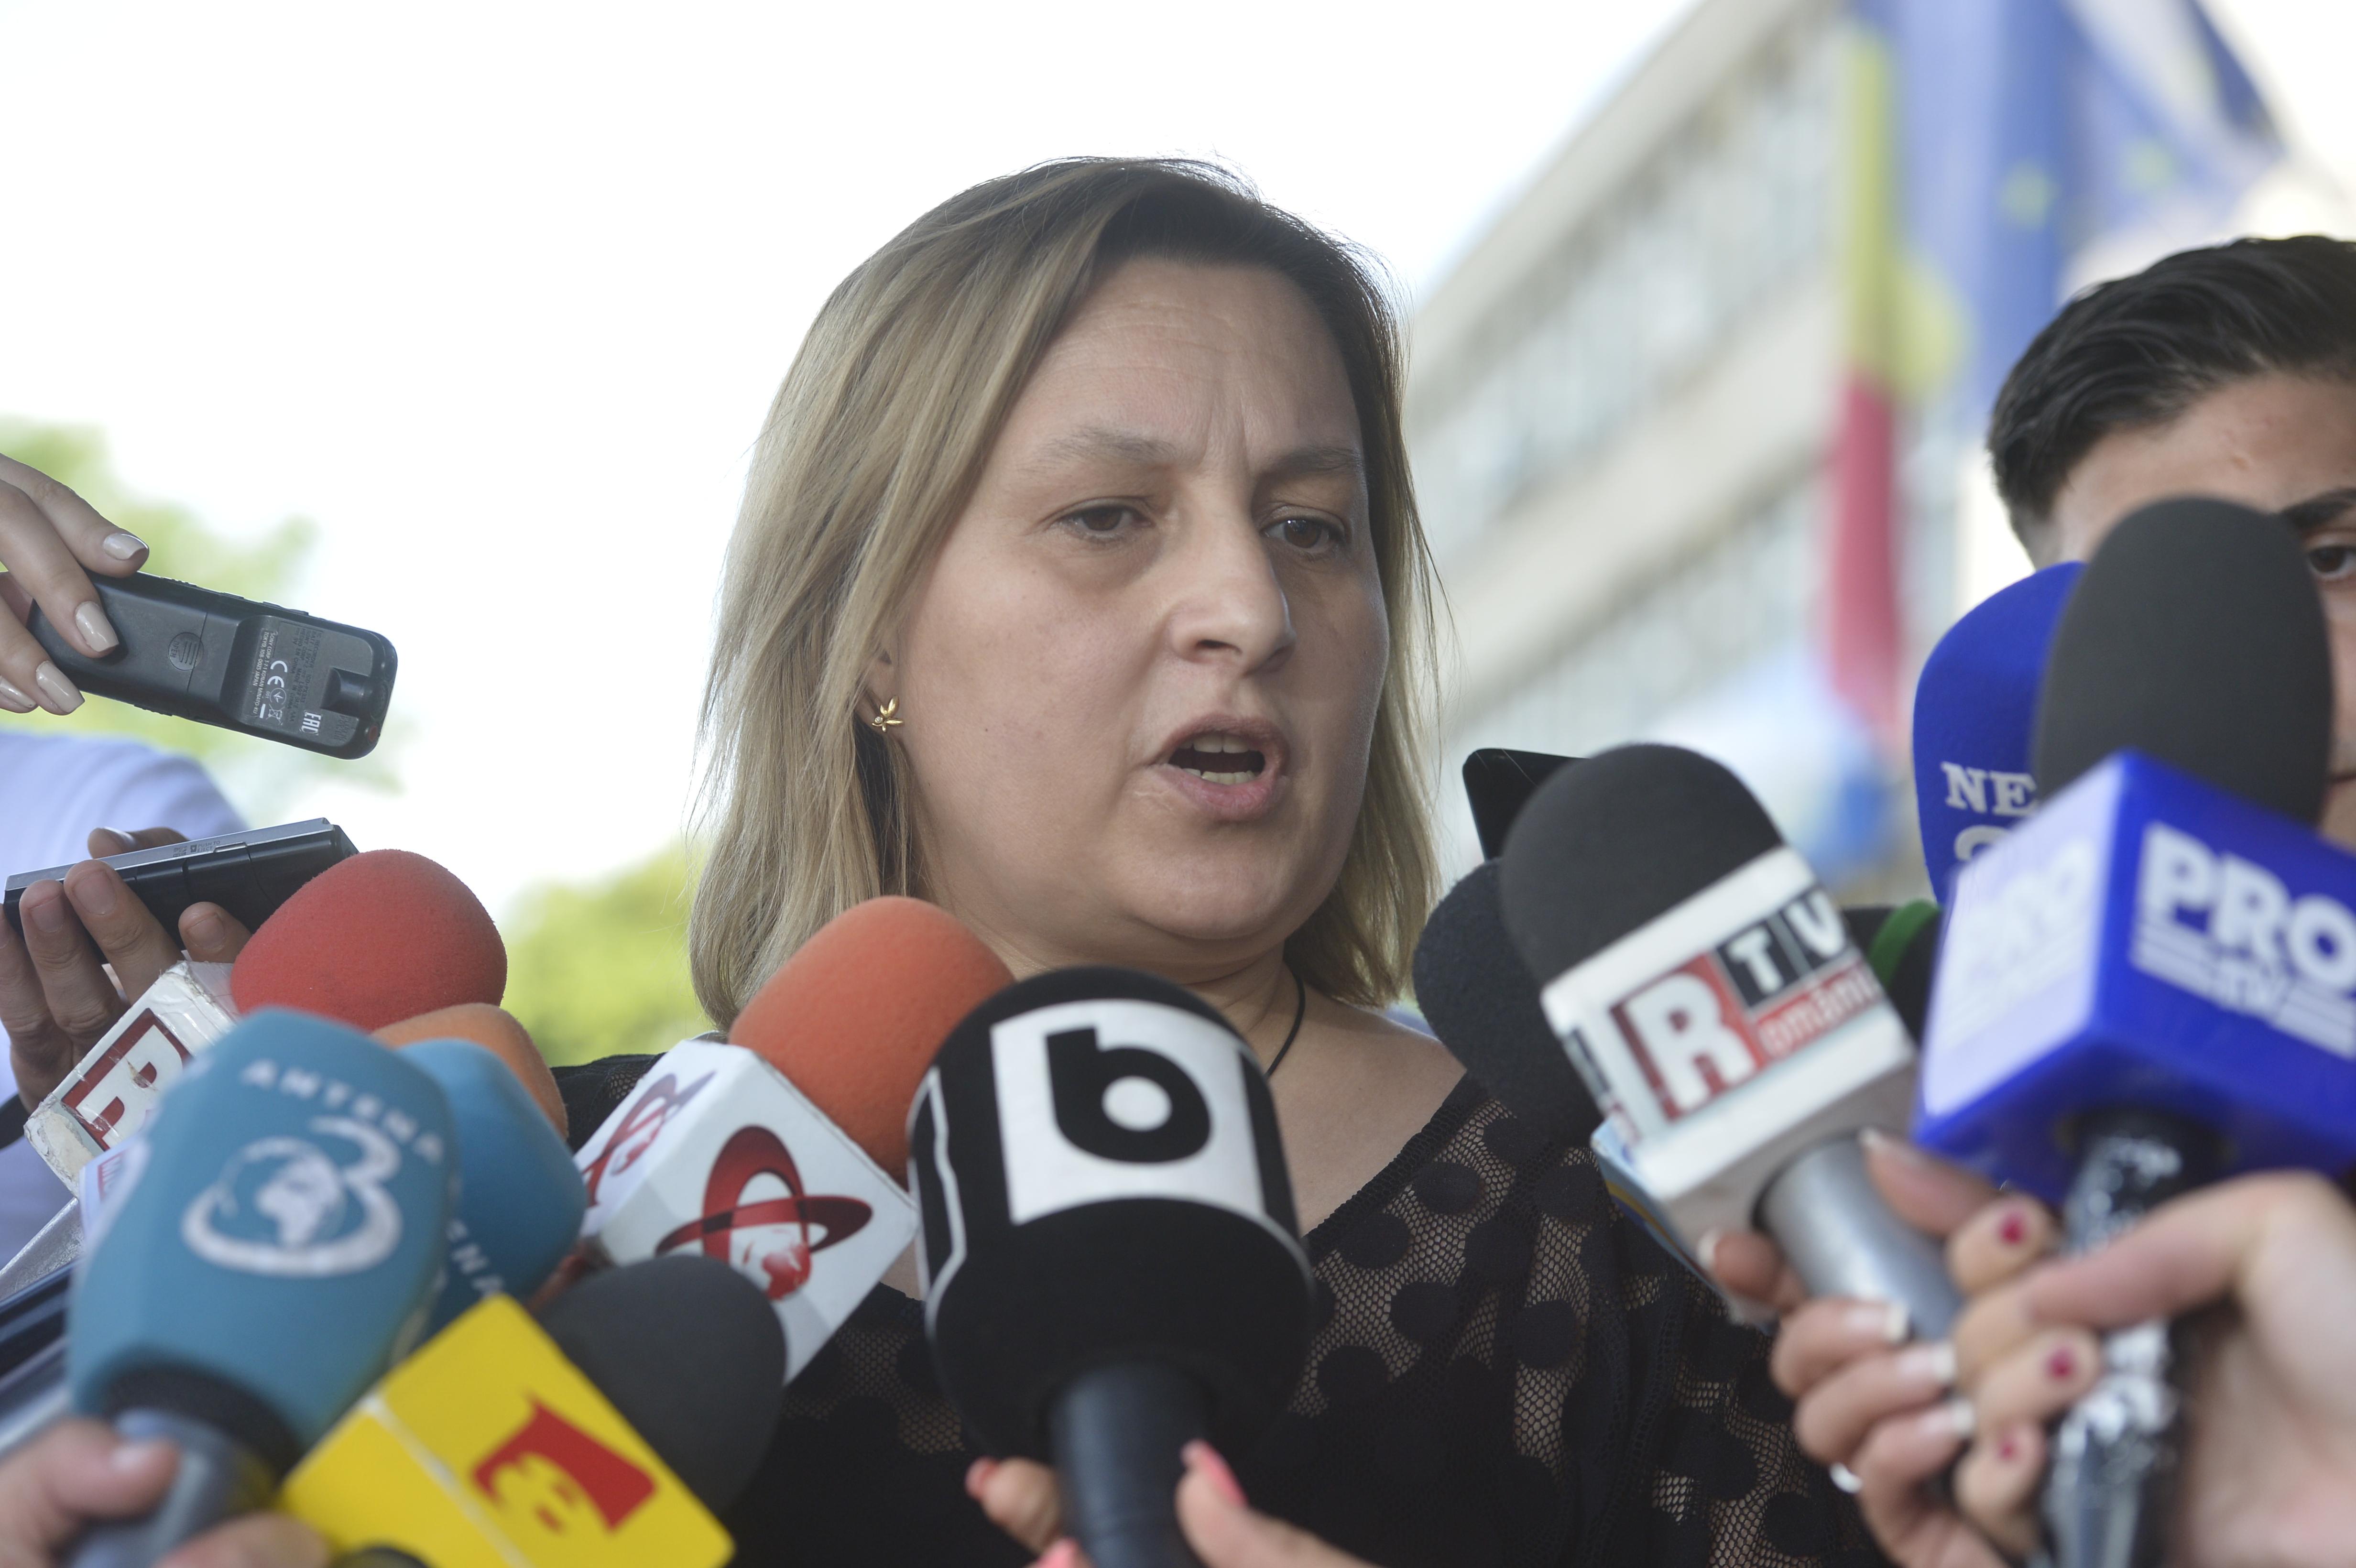 Plenul CSM decide dacă admite cererea Mihaelei Iorga de a fi judecător la Giurgiu